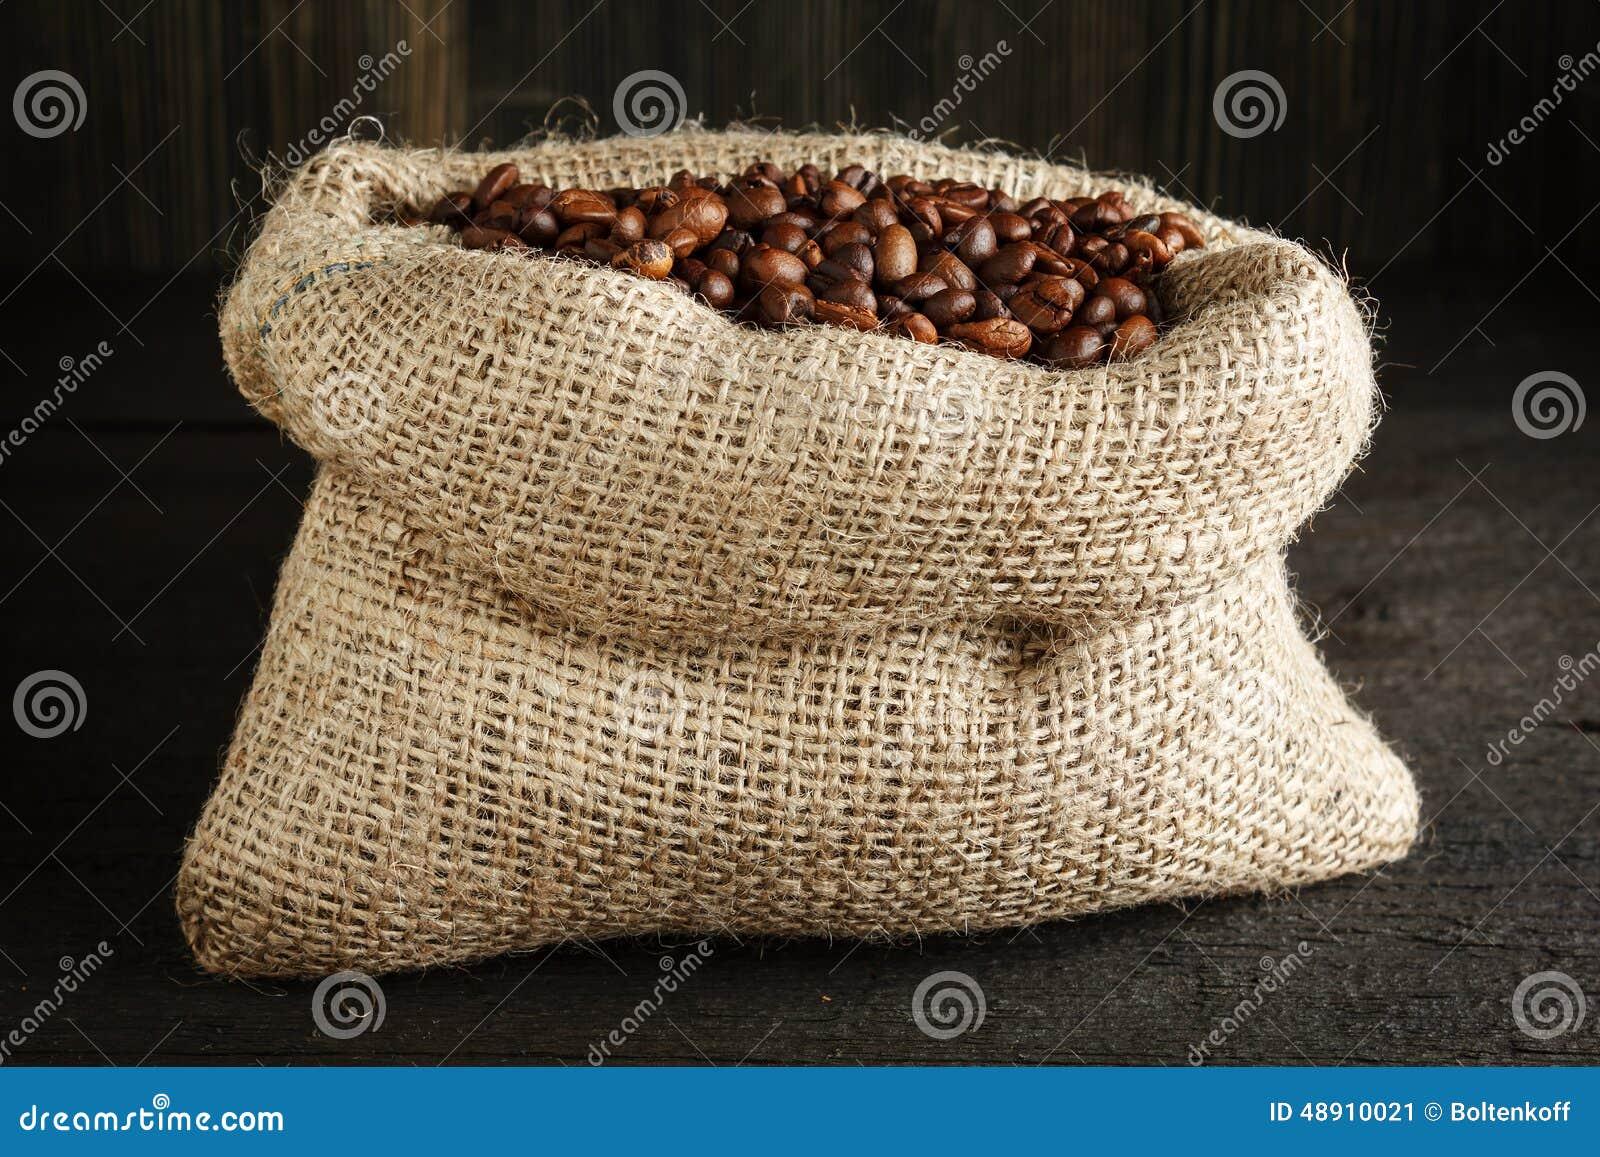 Sac toile de jute avec des grains de caf photo stock - Sac de cafe en grain ...